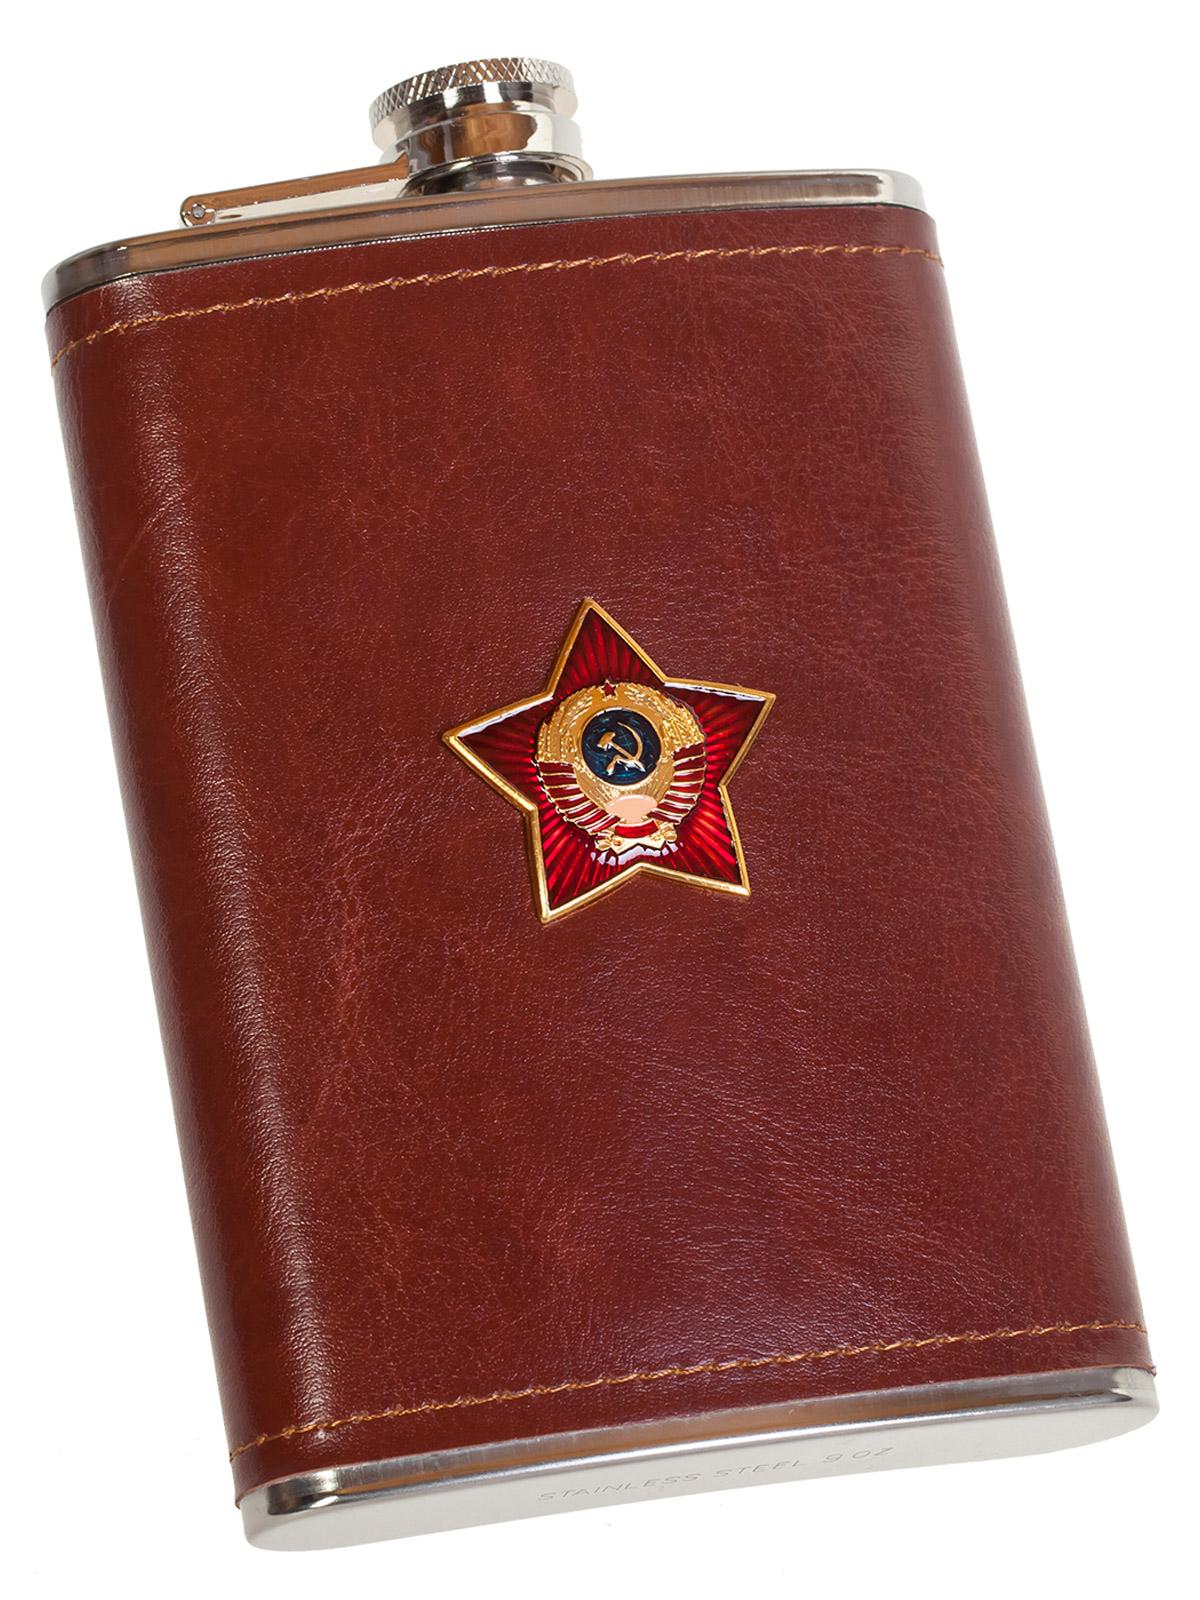 Оригинальная фляжка в чехле для патриота с накладкой СССР - купить в подарок